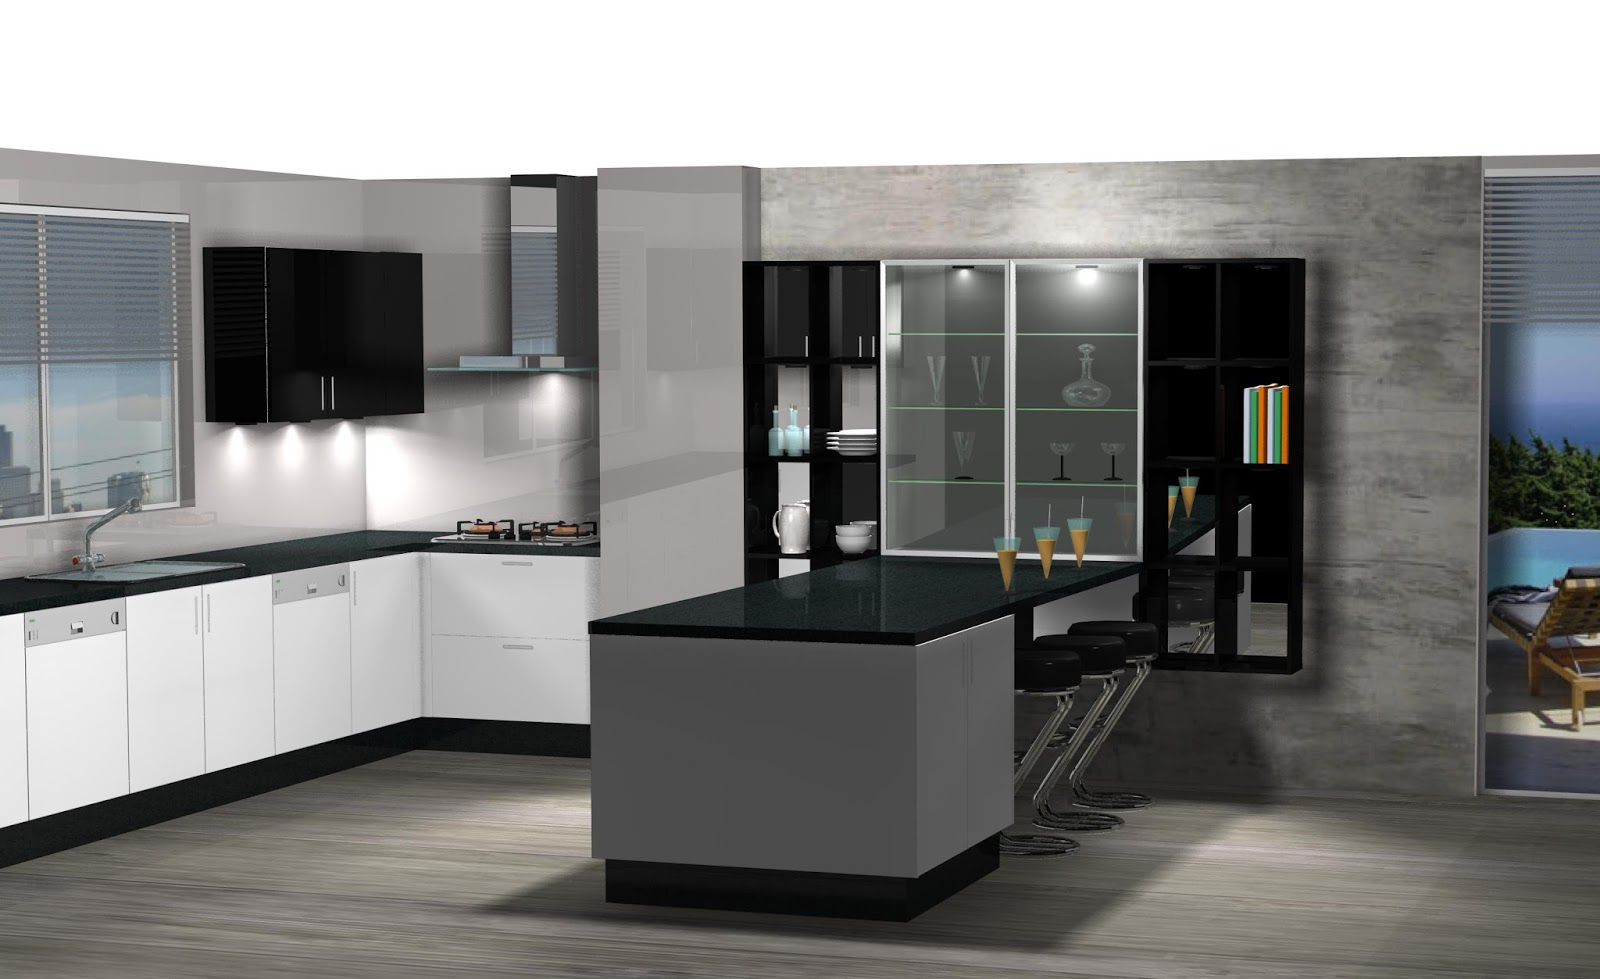 Dise o de cocina comedor lacado en blanco y negro for Aplicacion para diseno de cocinas